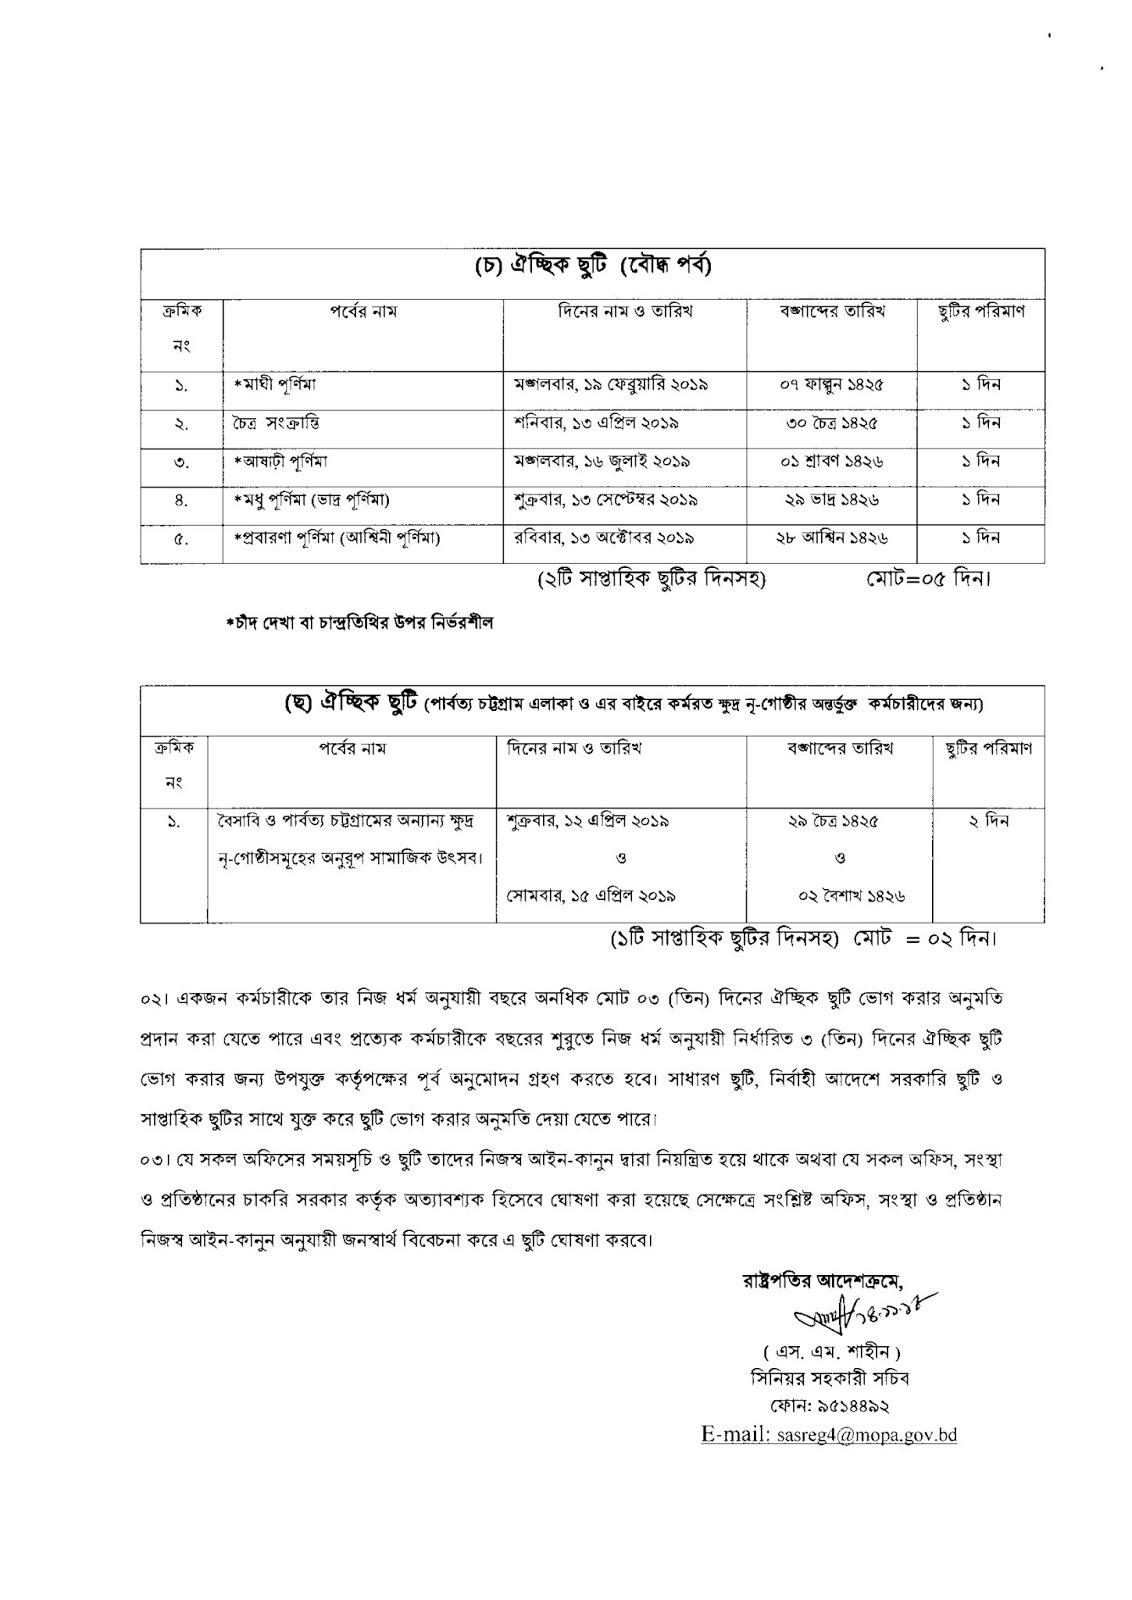 Bangladesh Government Holidays List 2019